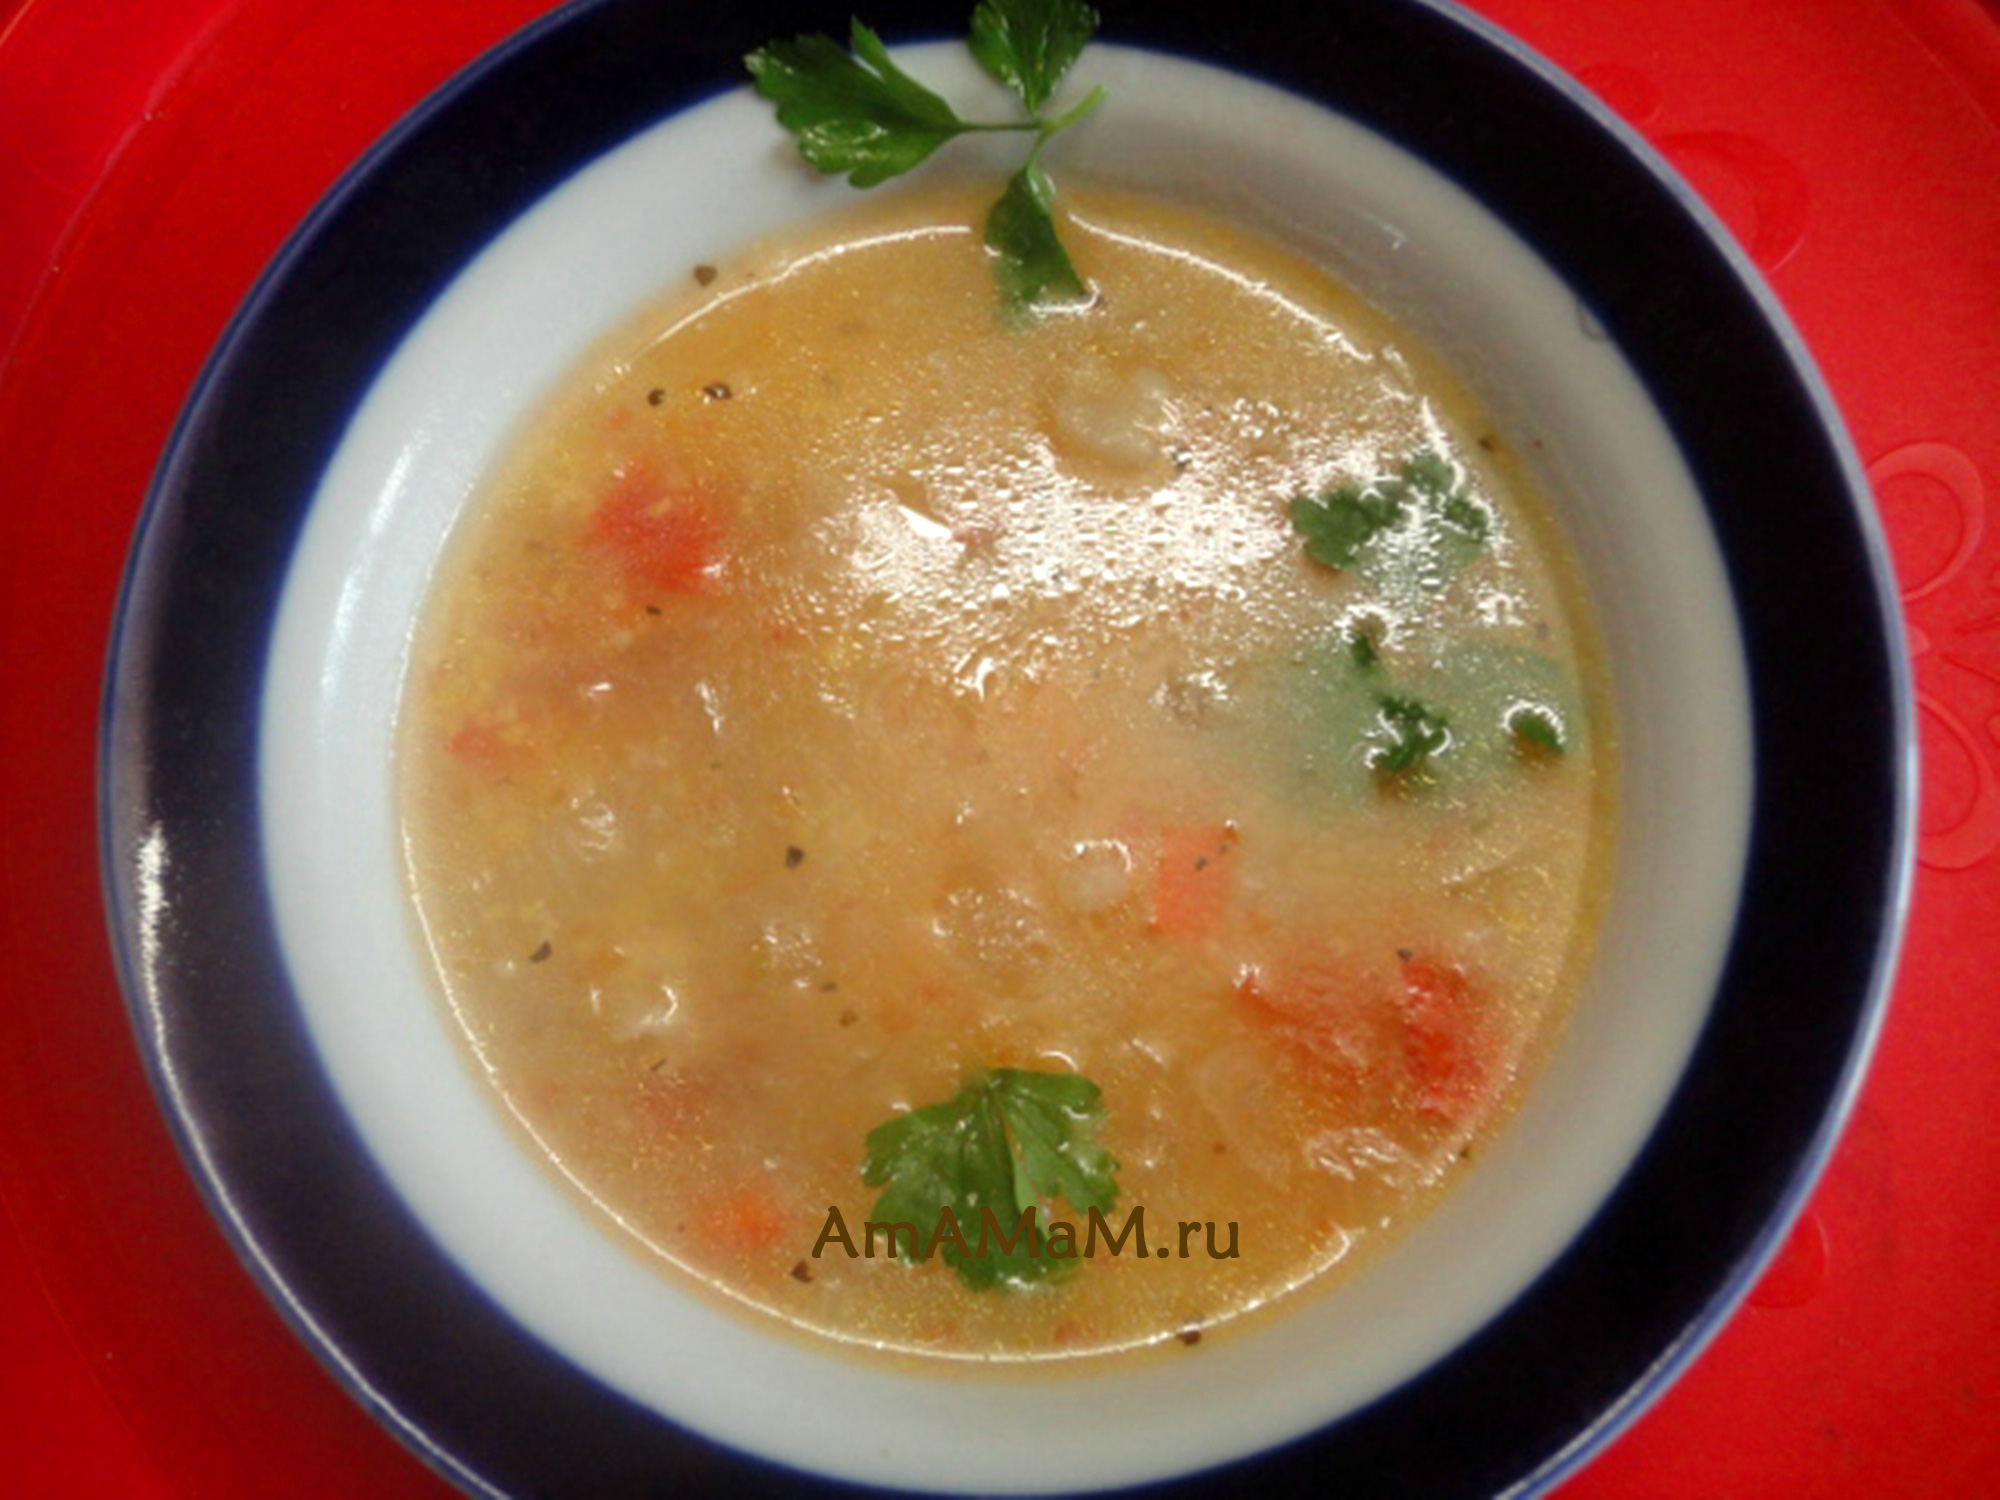 рецепты супов на бульоне из баранины